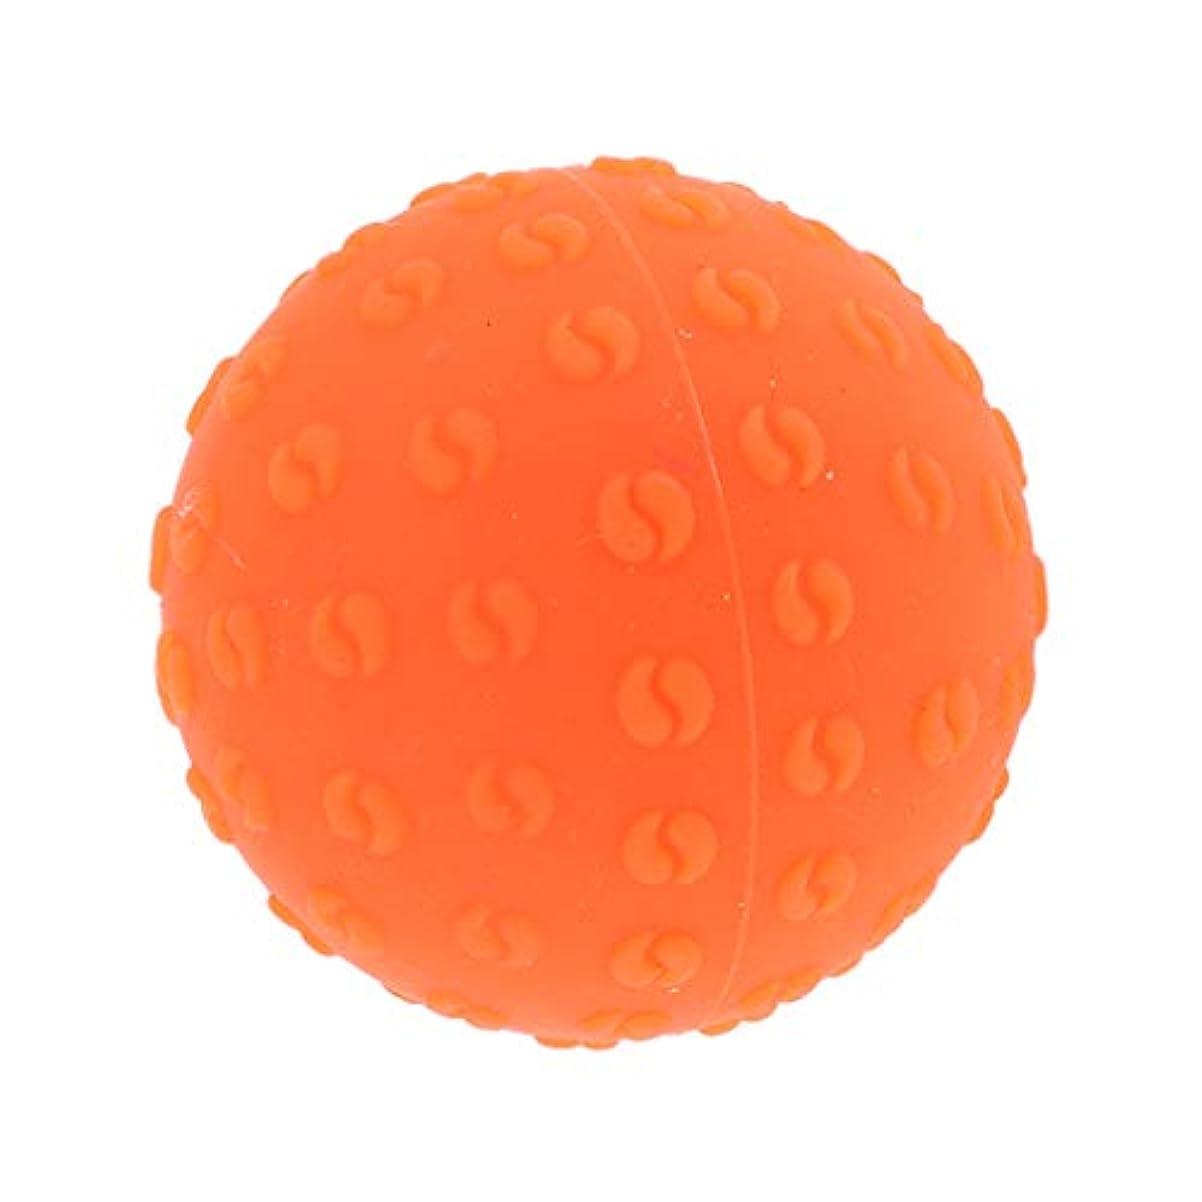 臨検下着成長するFenteer マッサージボール 指圧ボール シリコーン トリガーポイント 足底筋膜炎 ヨガ ツボ押しグッズ 全6色 - オレンジ, 説明のとおり